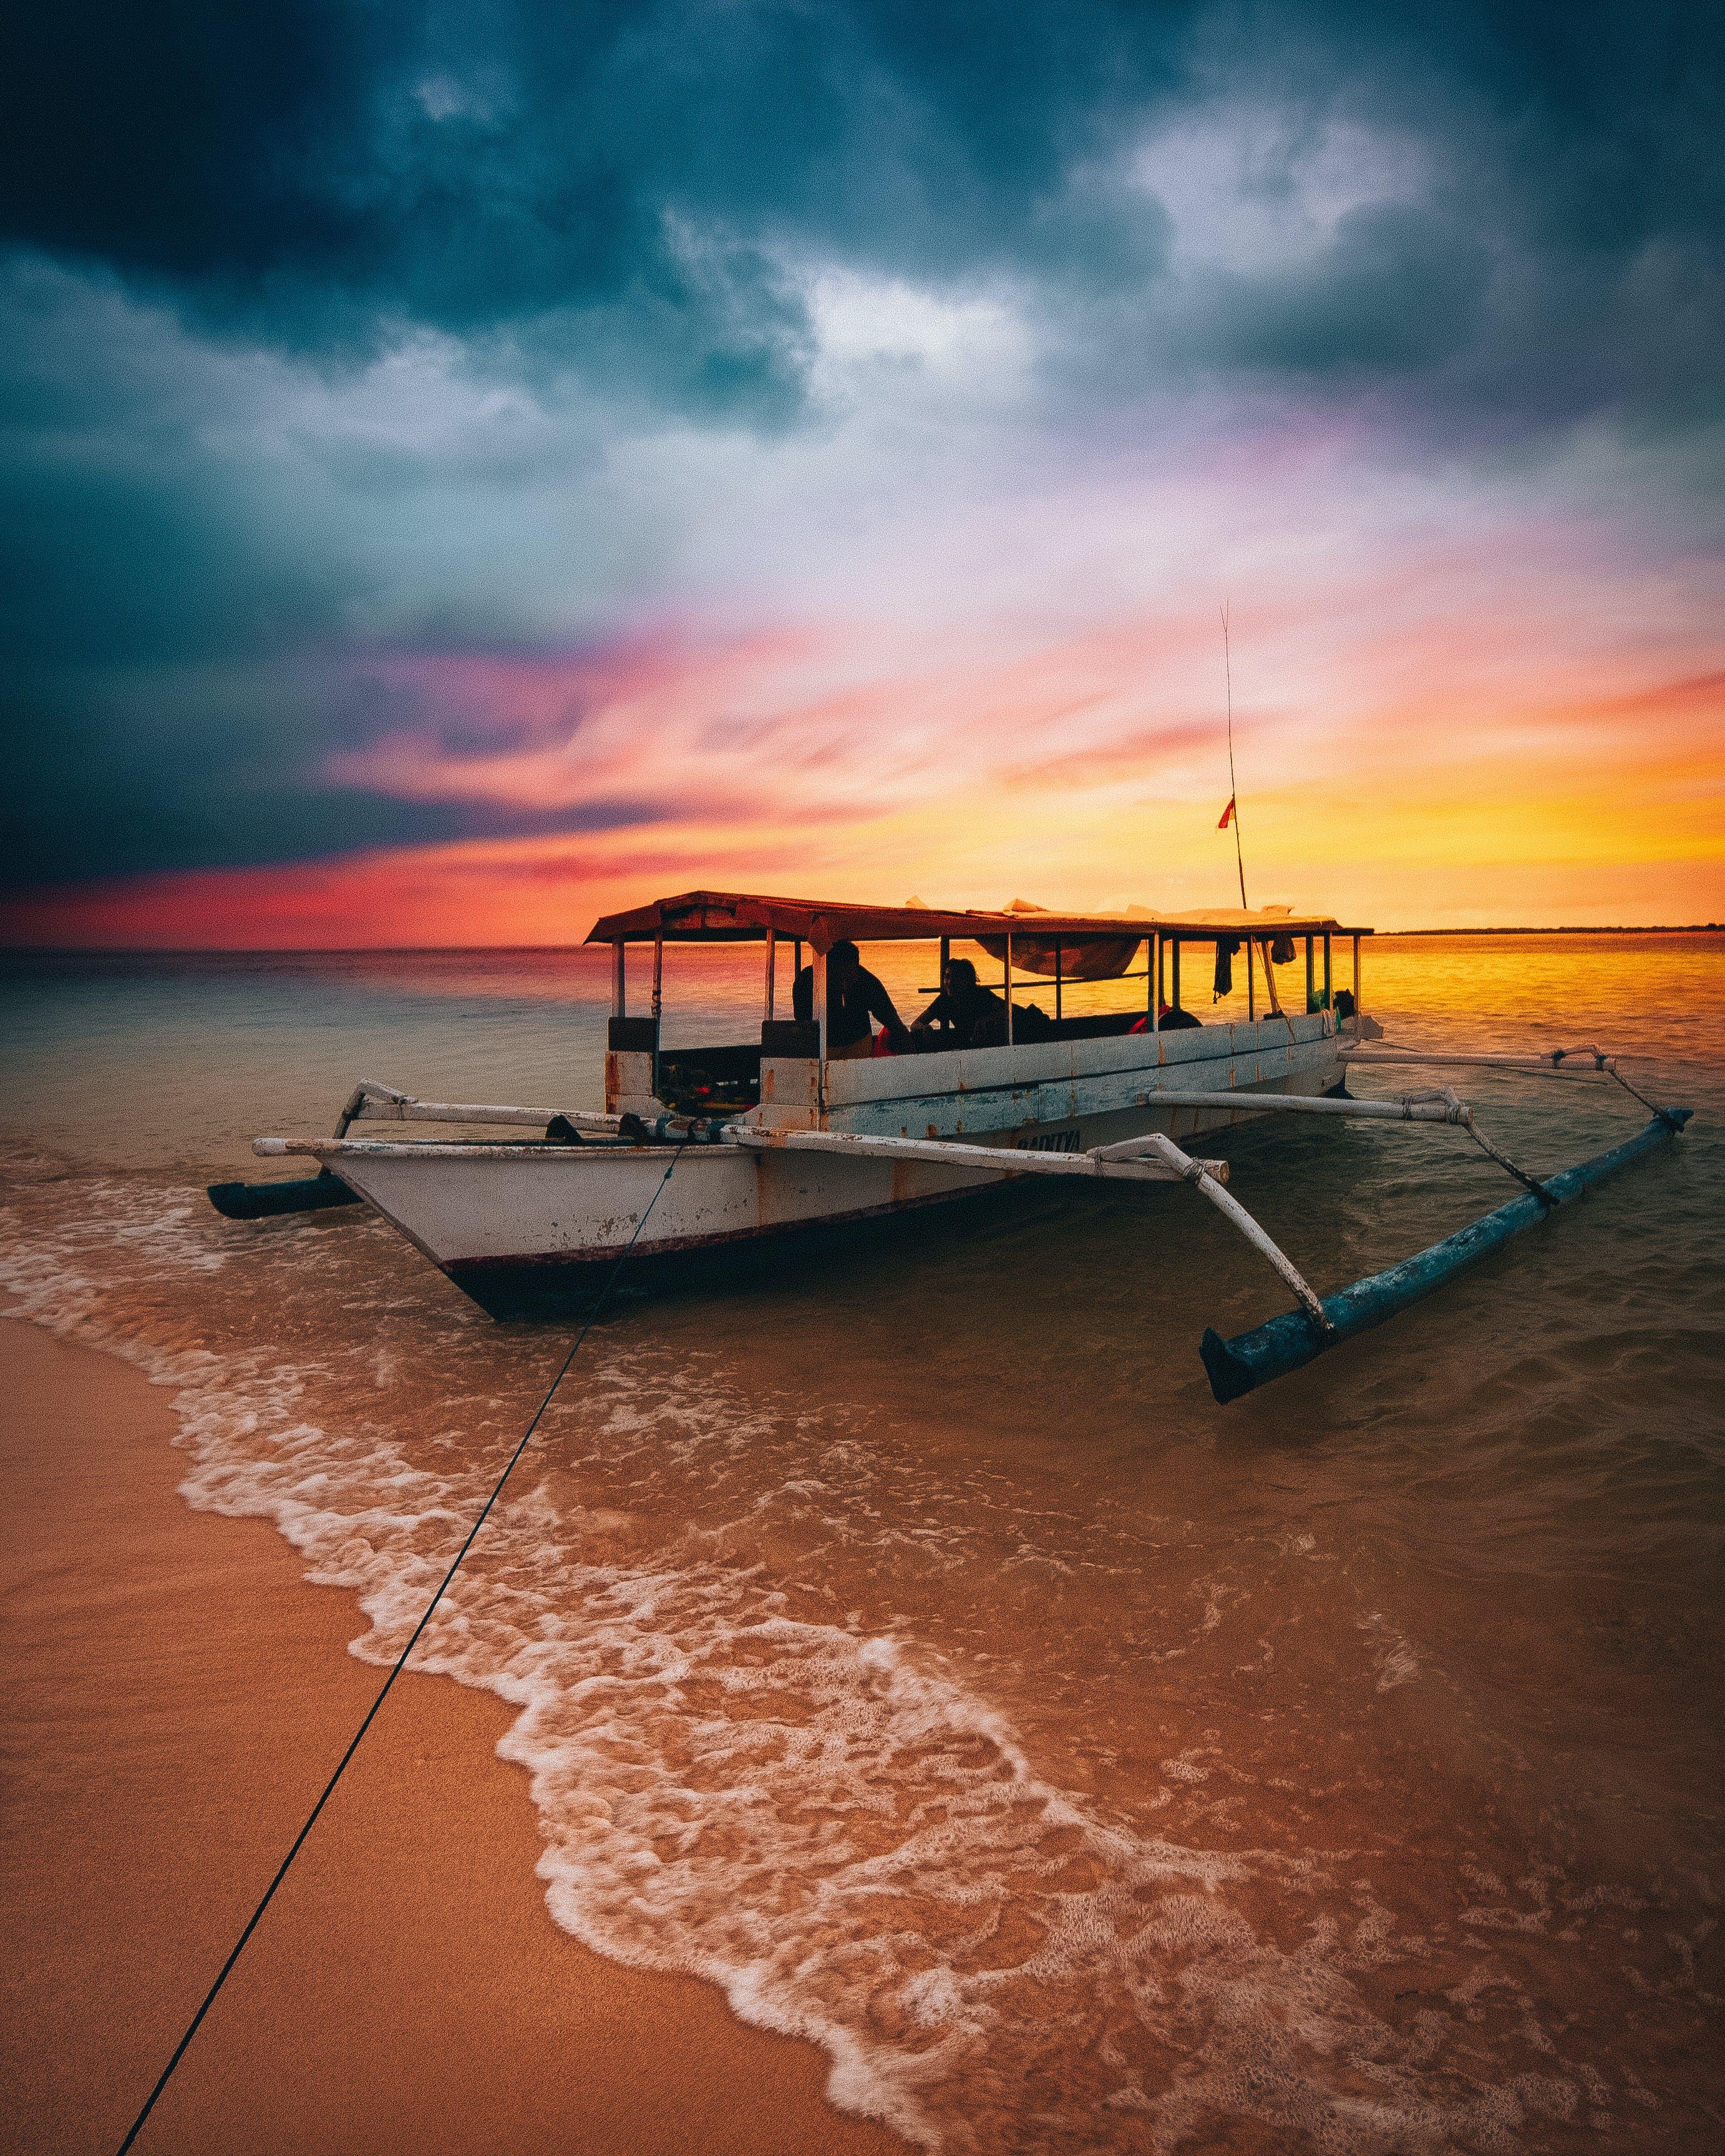 Безкоштовне стокове фото на тему «берег, берег моря, Водний транспорт, Затока»